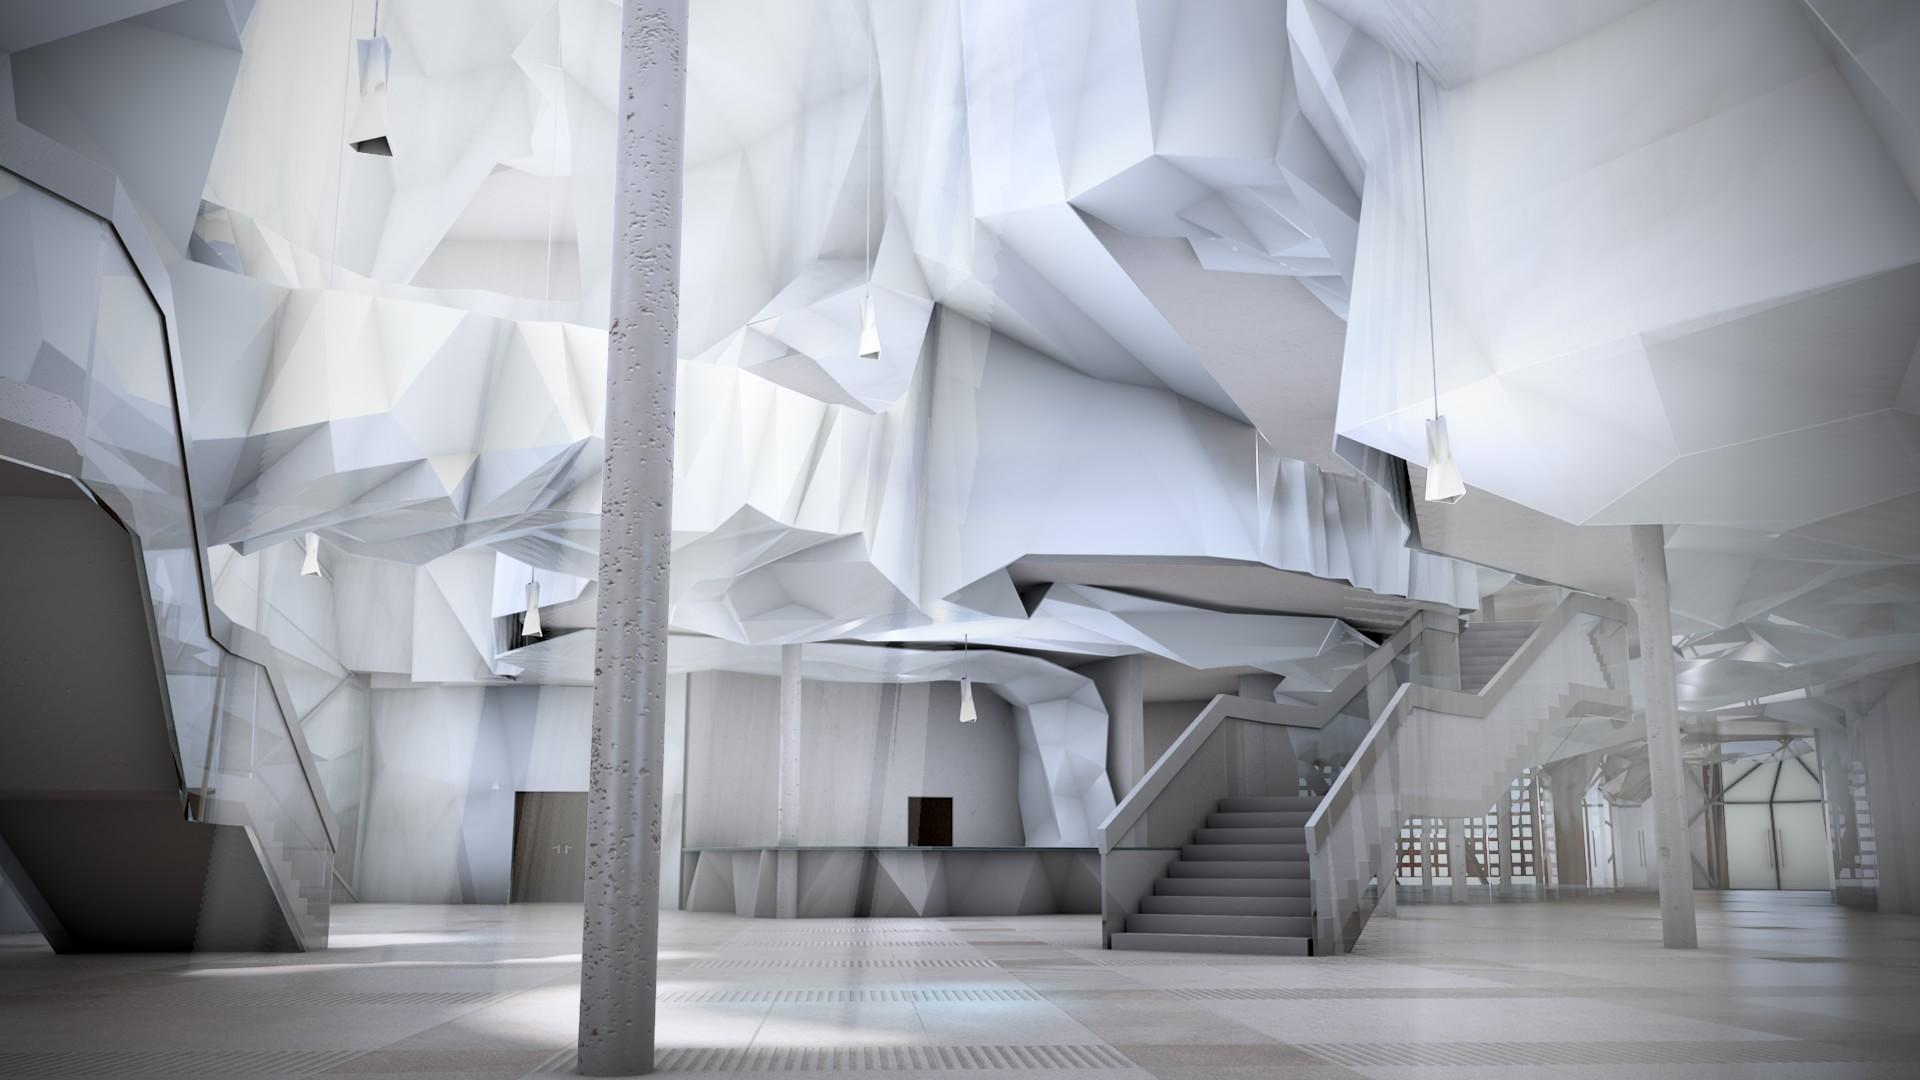 muzeum sztuki współczesnej - strefa wspólna